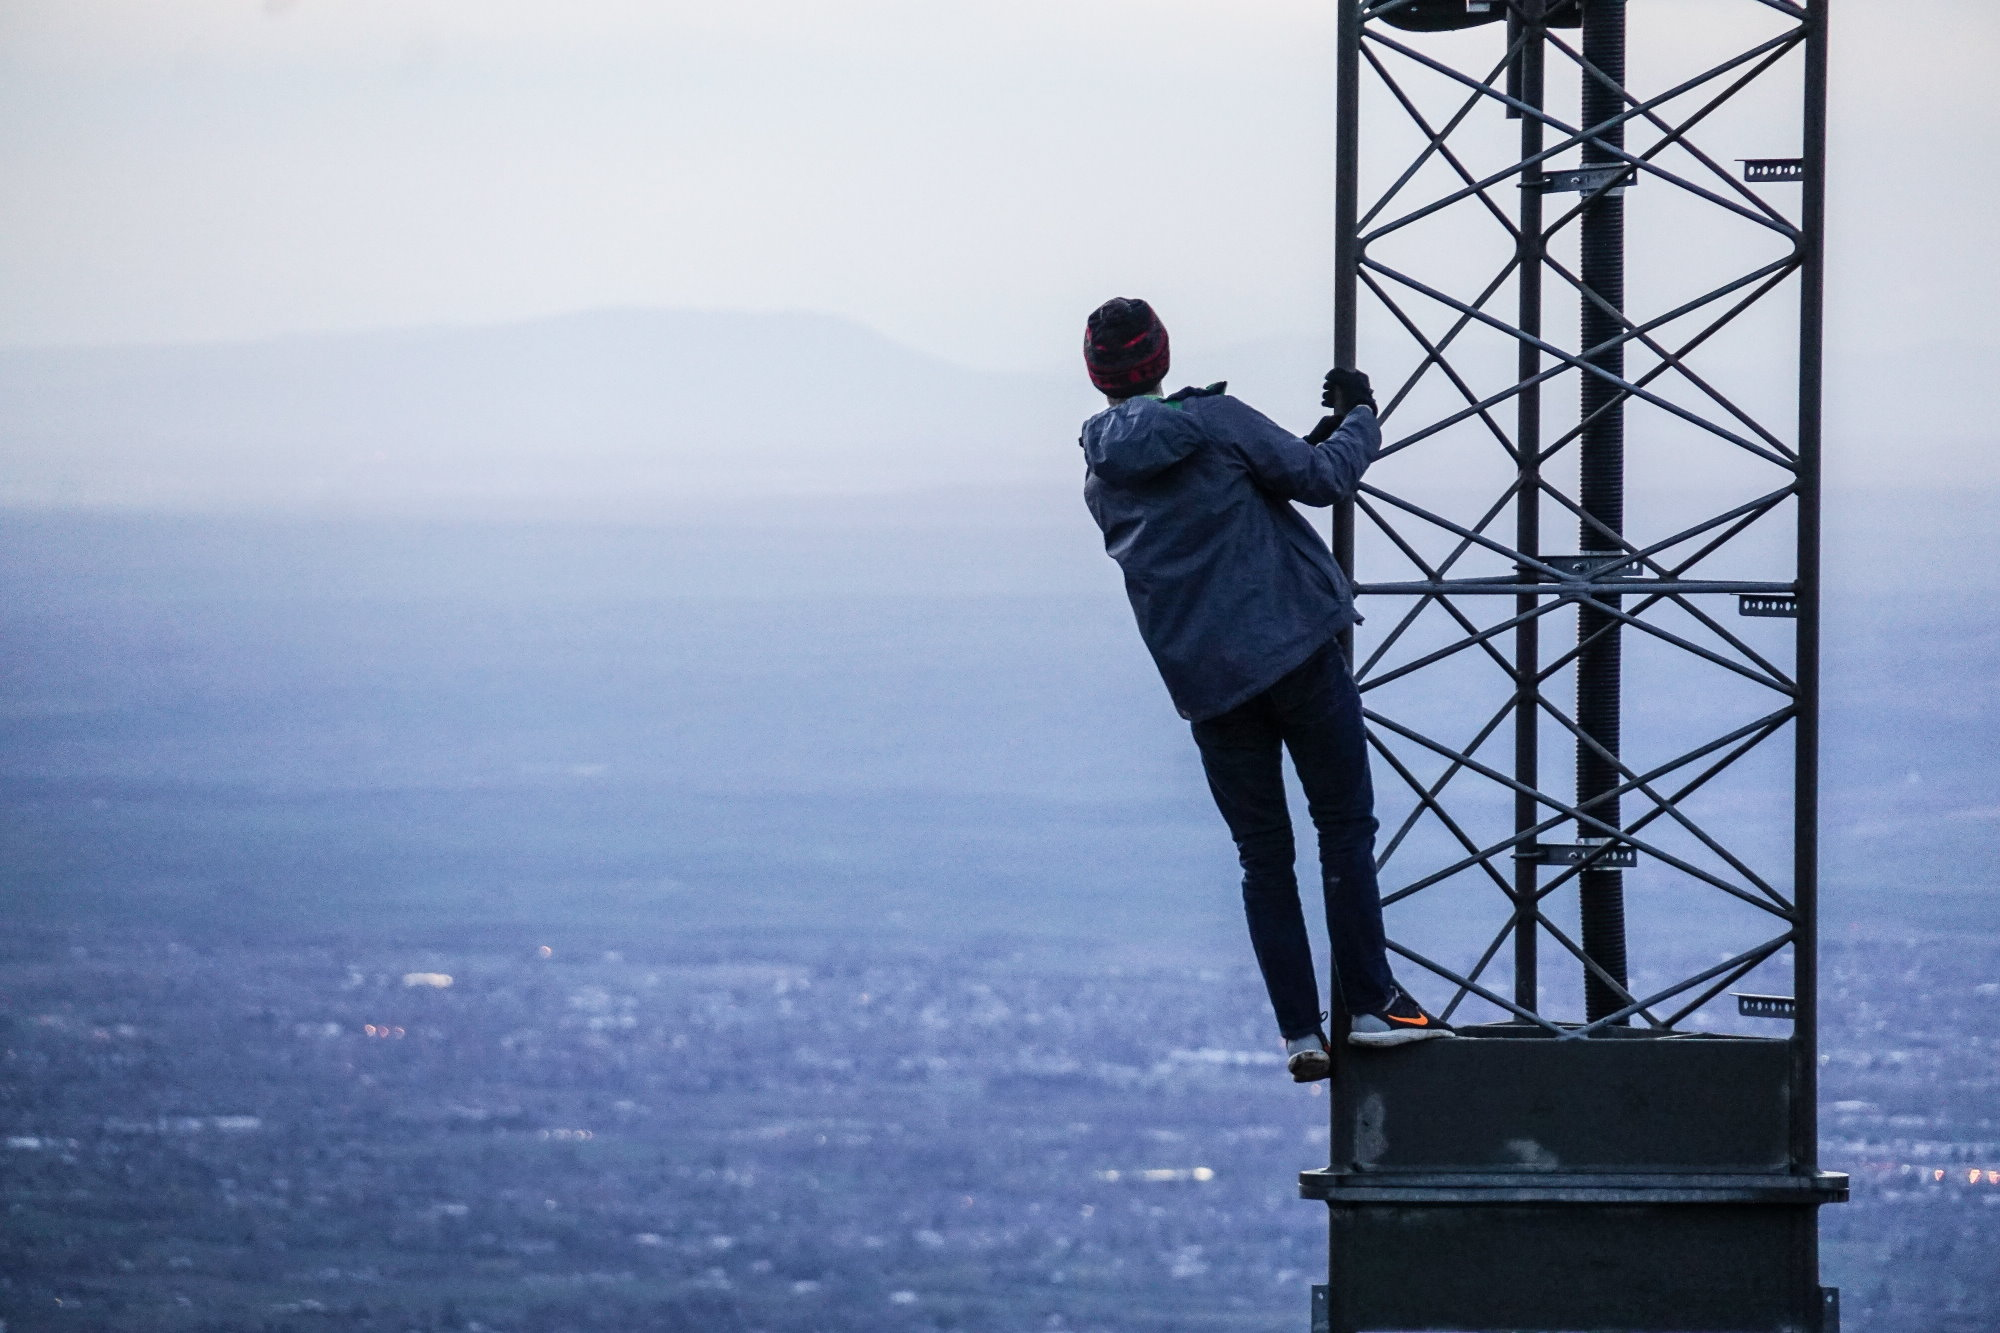 Mann auf Turm, der über eine Stadt schaut